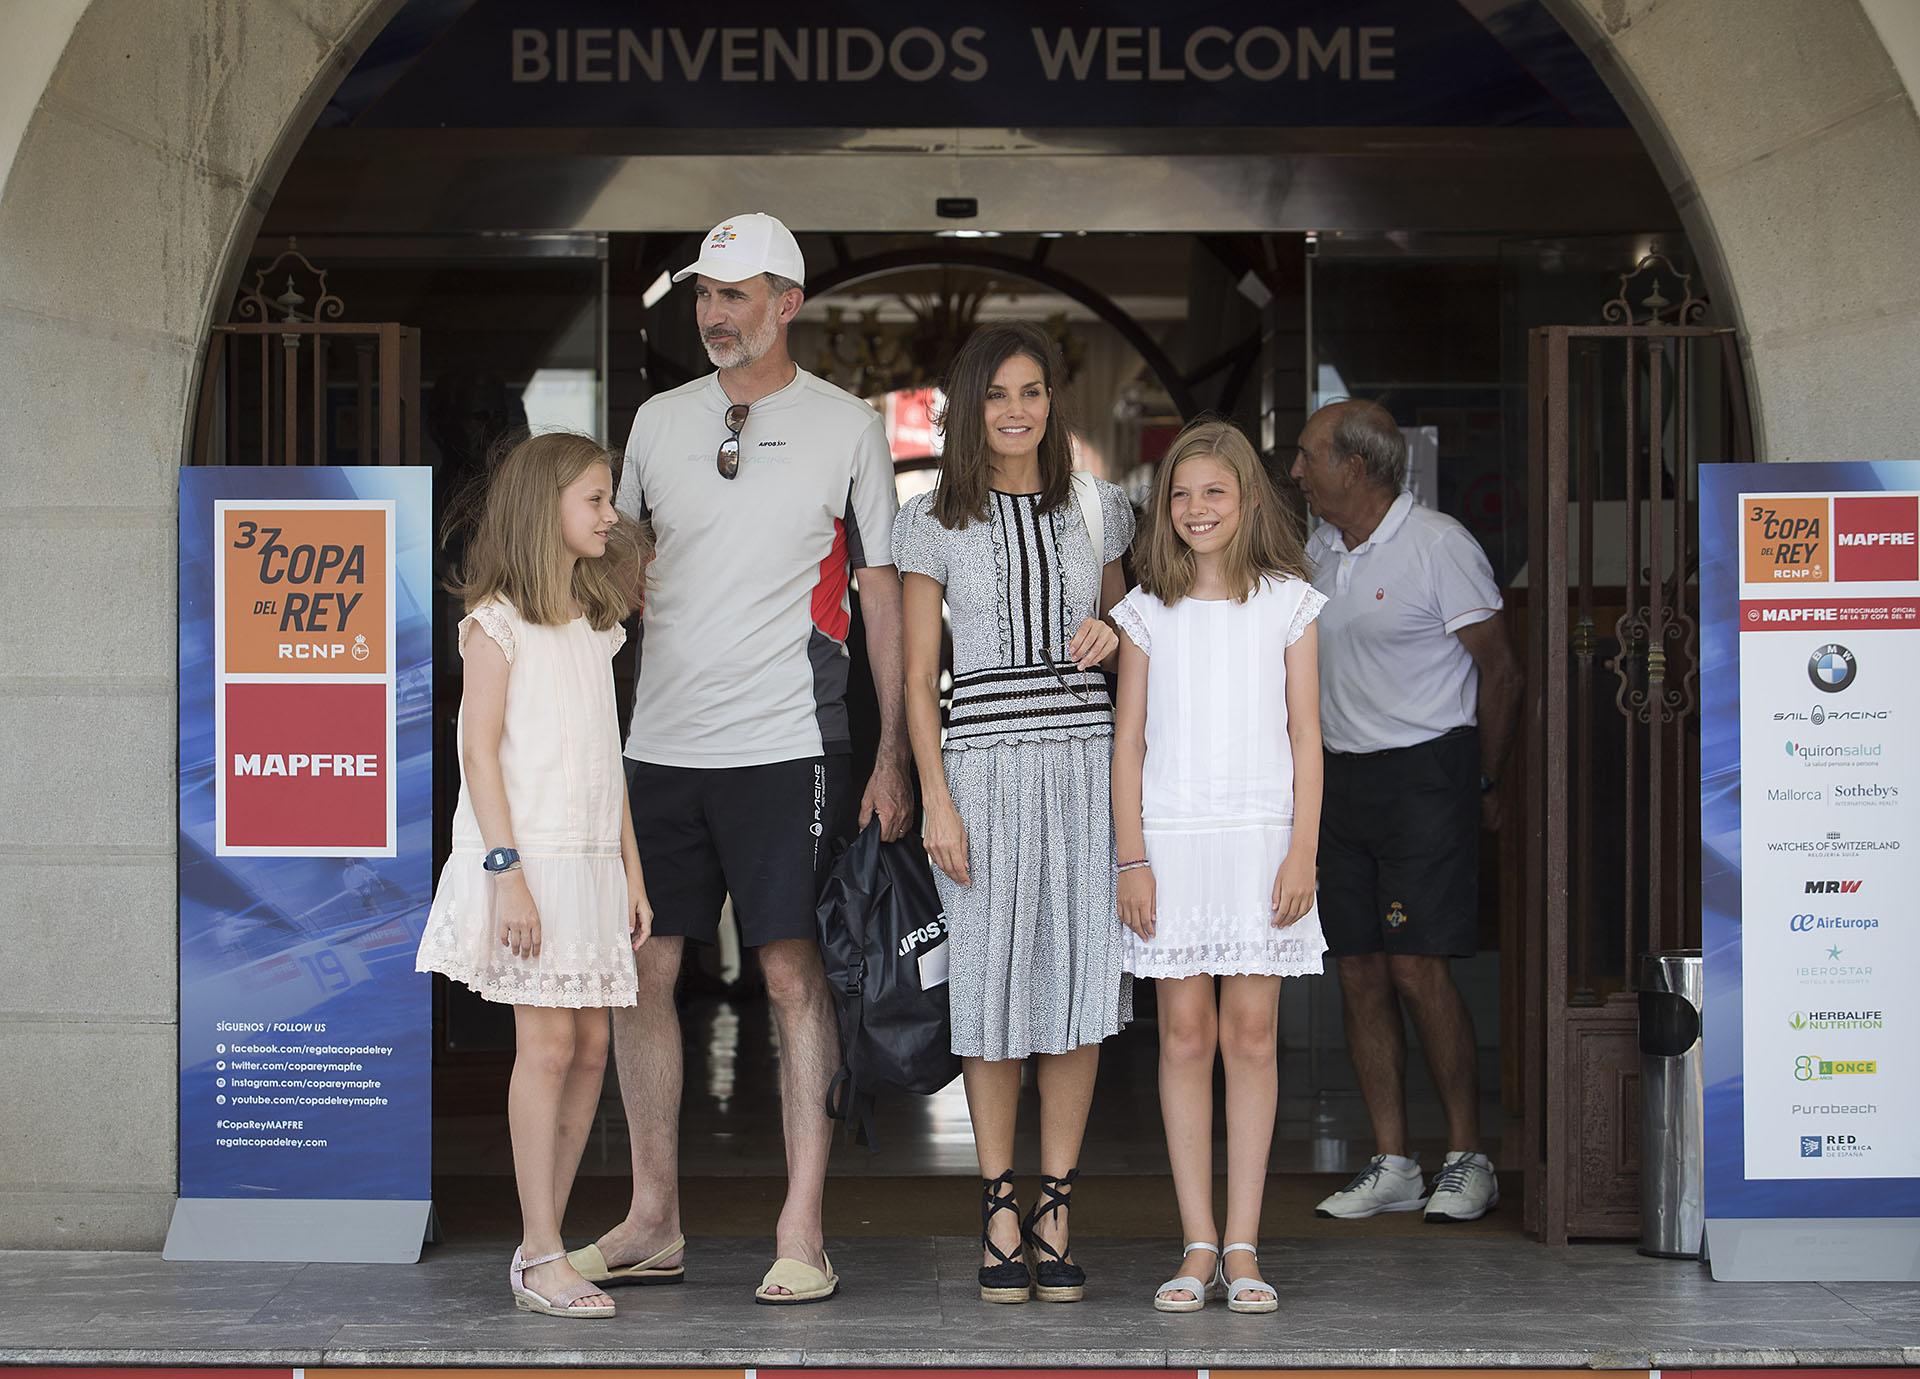 La familia real en Palma de Mallorca, con look informal.